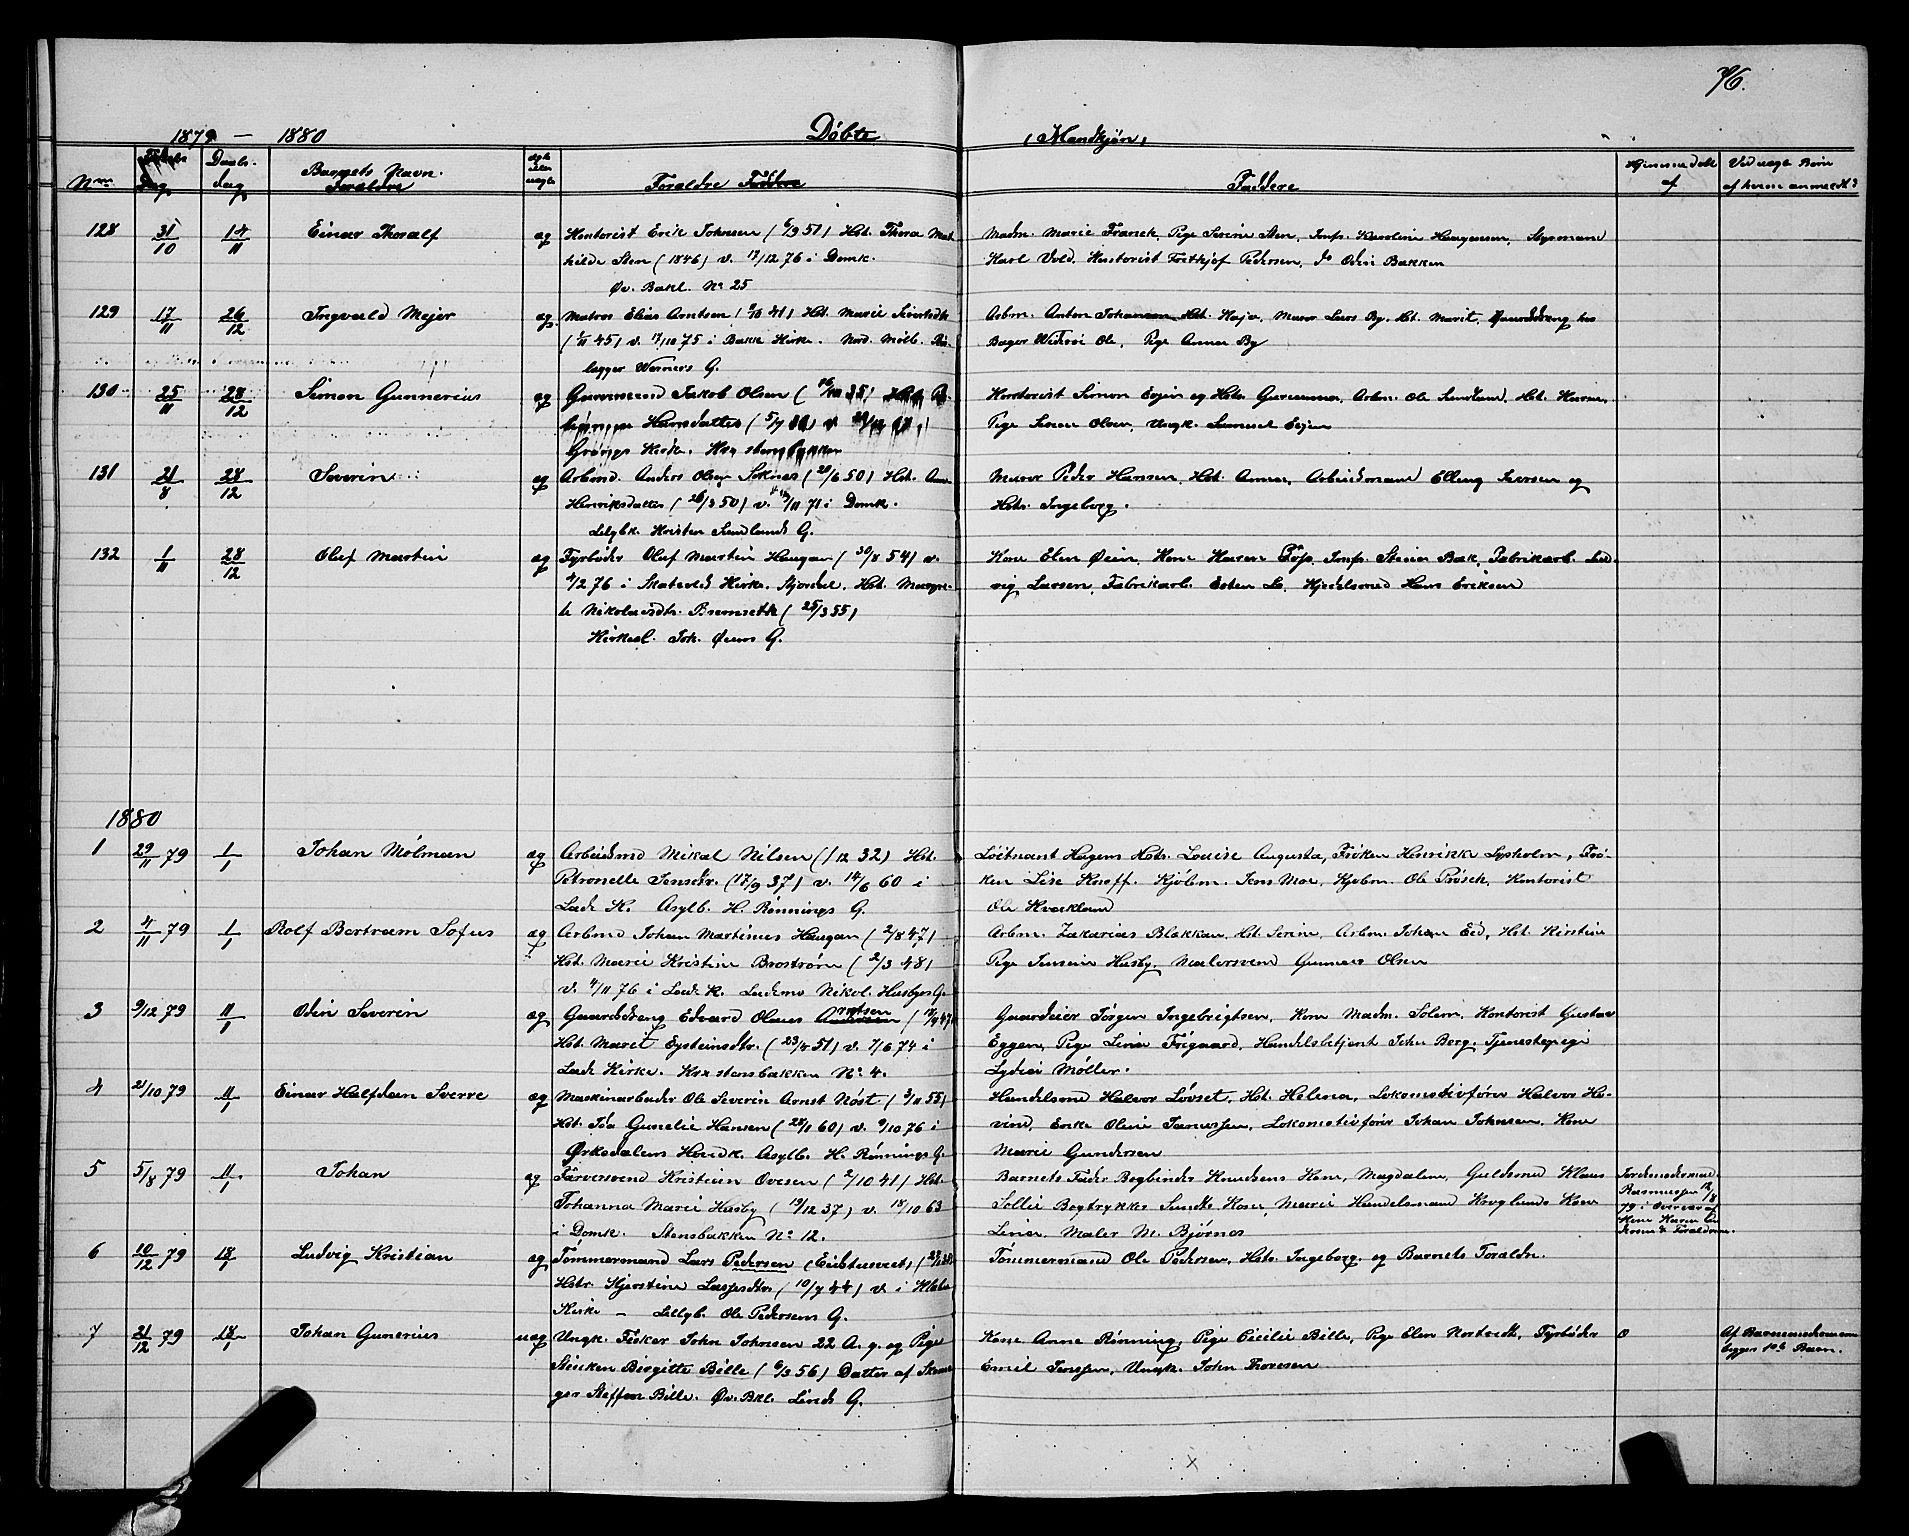 SAT, Ministerialprotokoller, klokkerbøker og fødselsregistre - Sør-Trøndelag, 604/L0220: Klokkerbok nr. 604C03, 1870-1885, s. 76